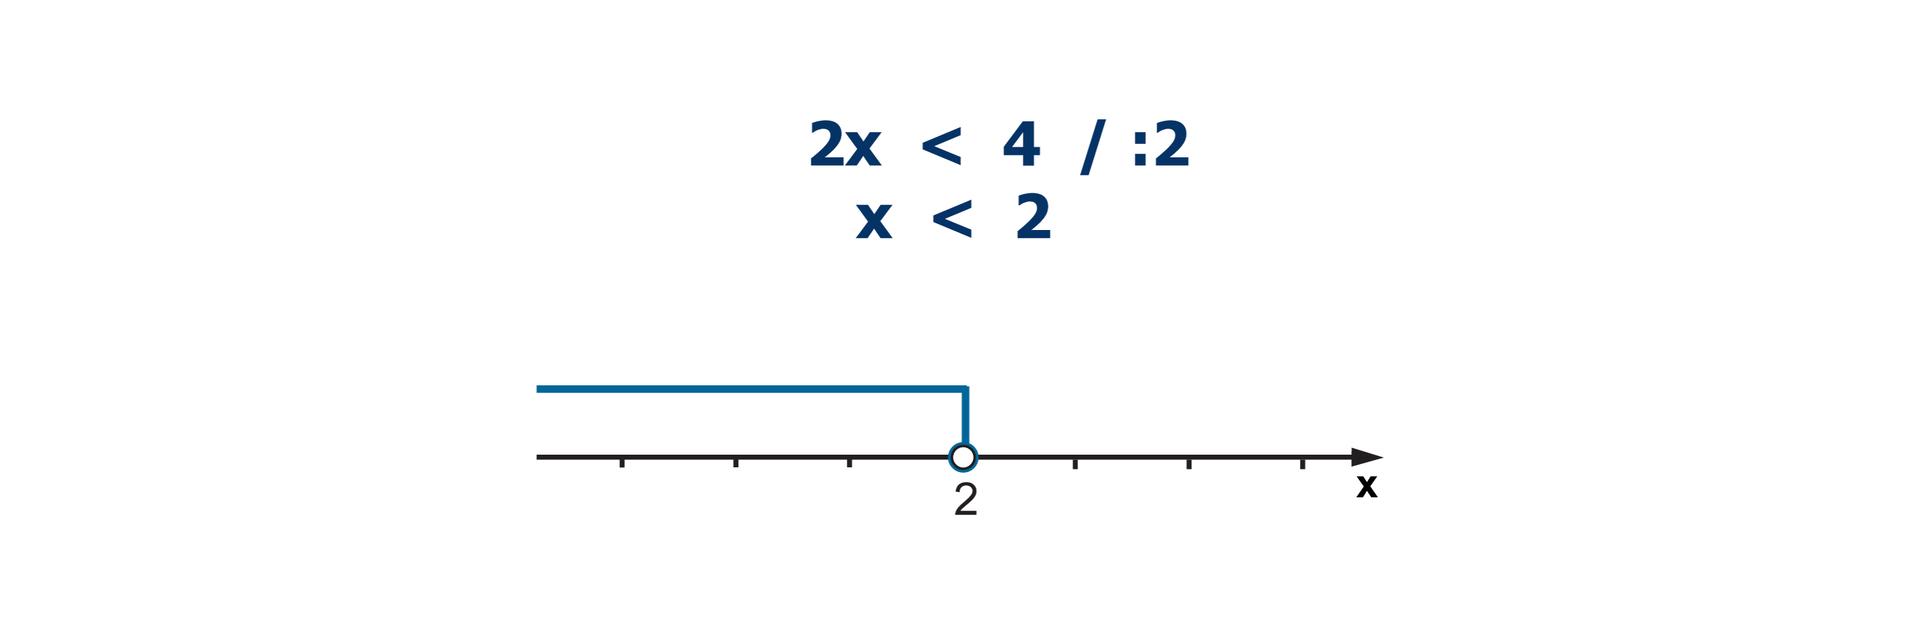 Nierówność: 2x < 4. Nierówność podzielona obustronnie przez 2. x< 2. Na osi liczbowej niezamalowane kółko wpunkcie owspółrzędnych 2. Zaznaczone wszystkie liczby mniejsze od 2.